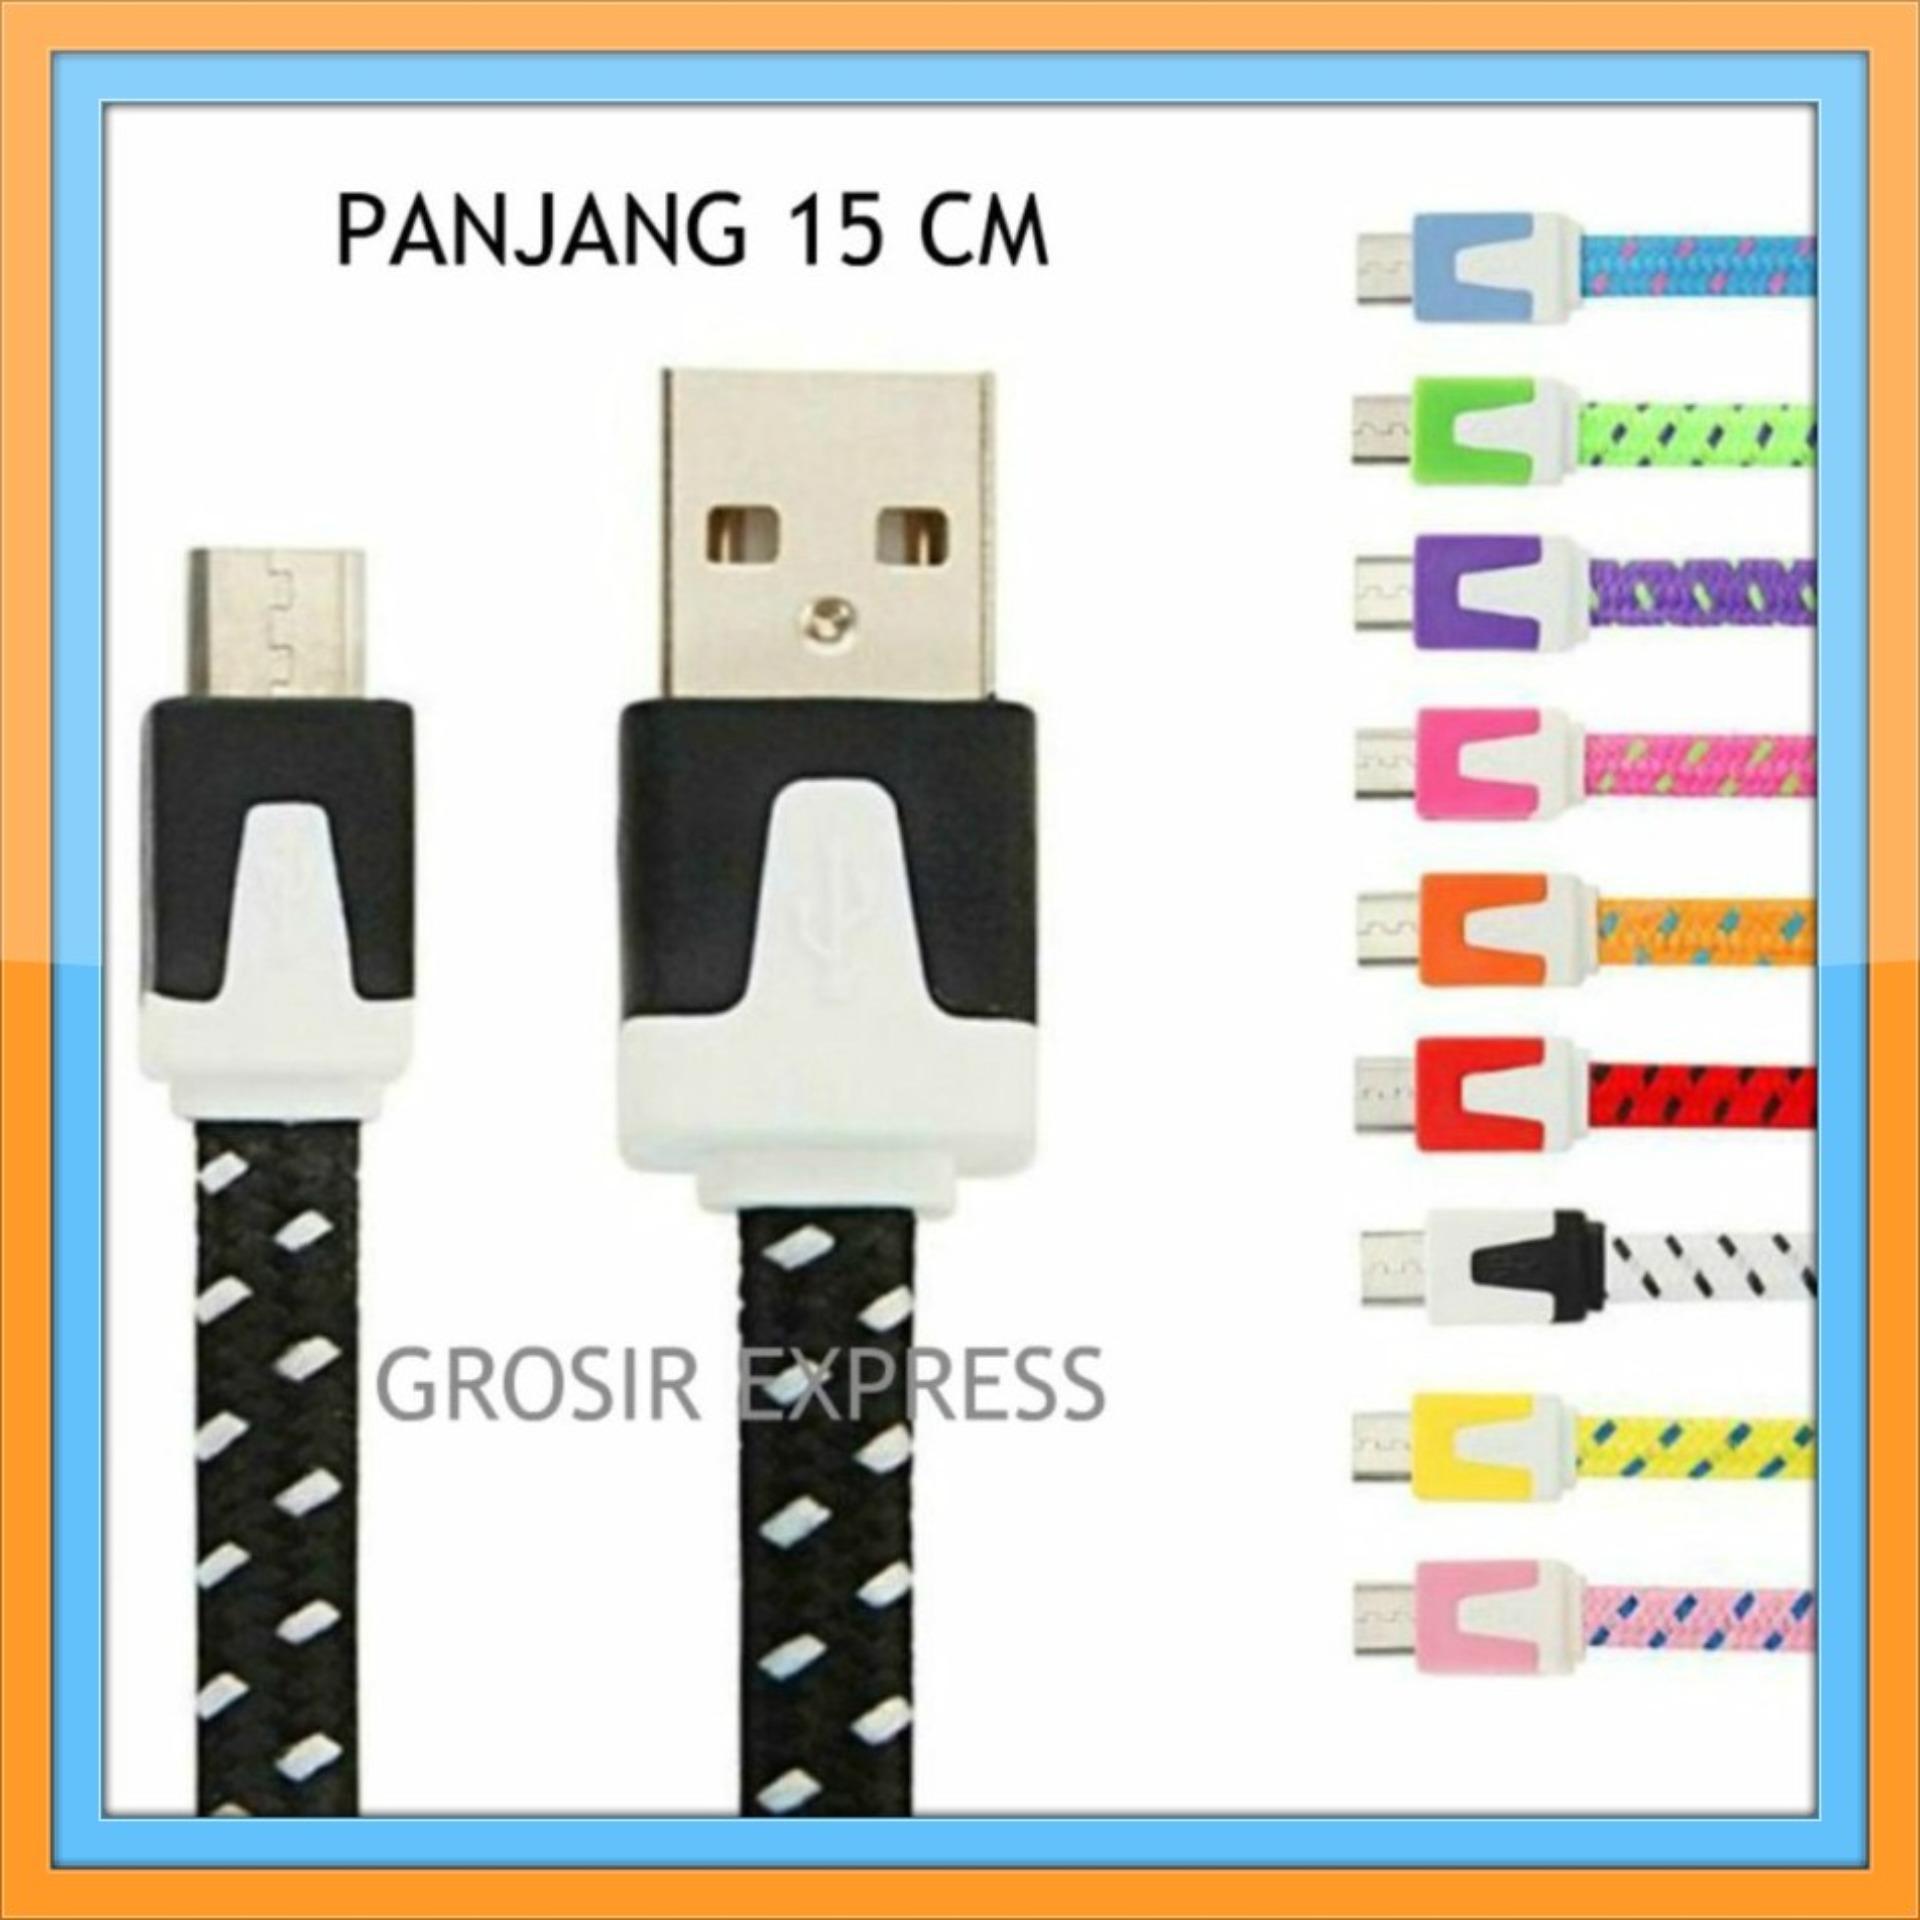 Jual Kabel Data Flat Murah Garansi Dan Berkualitas Id Store Aux 35mm Tali Sepatu Rp 8500